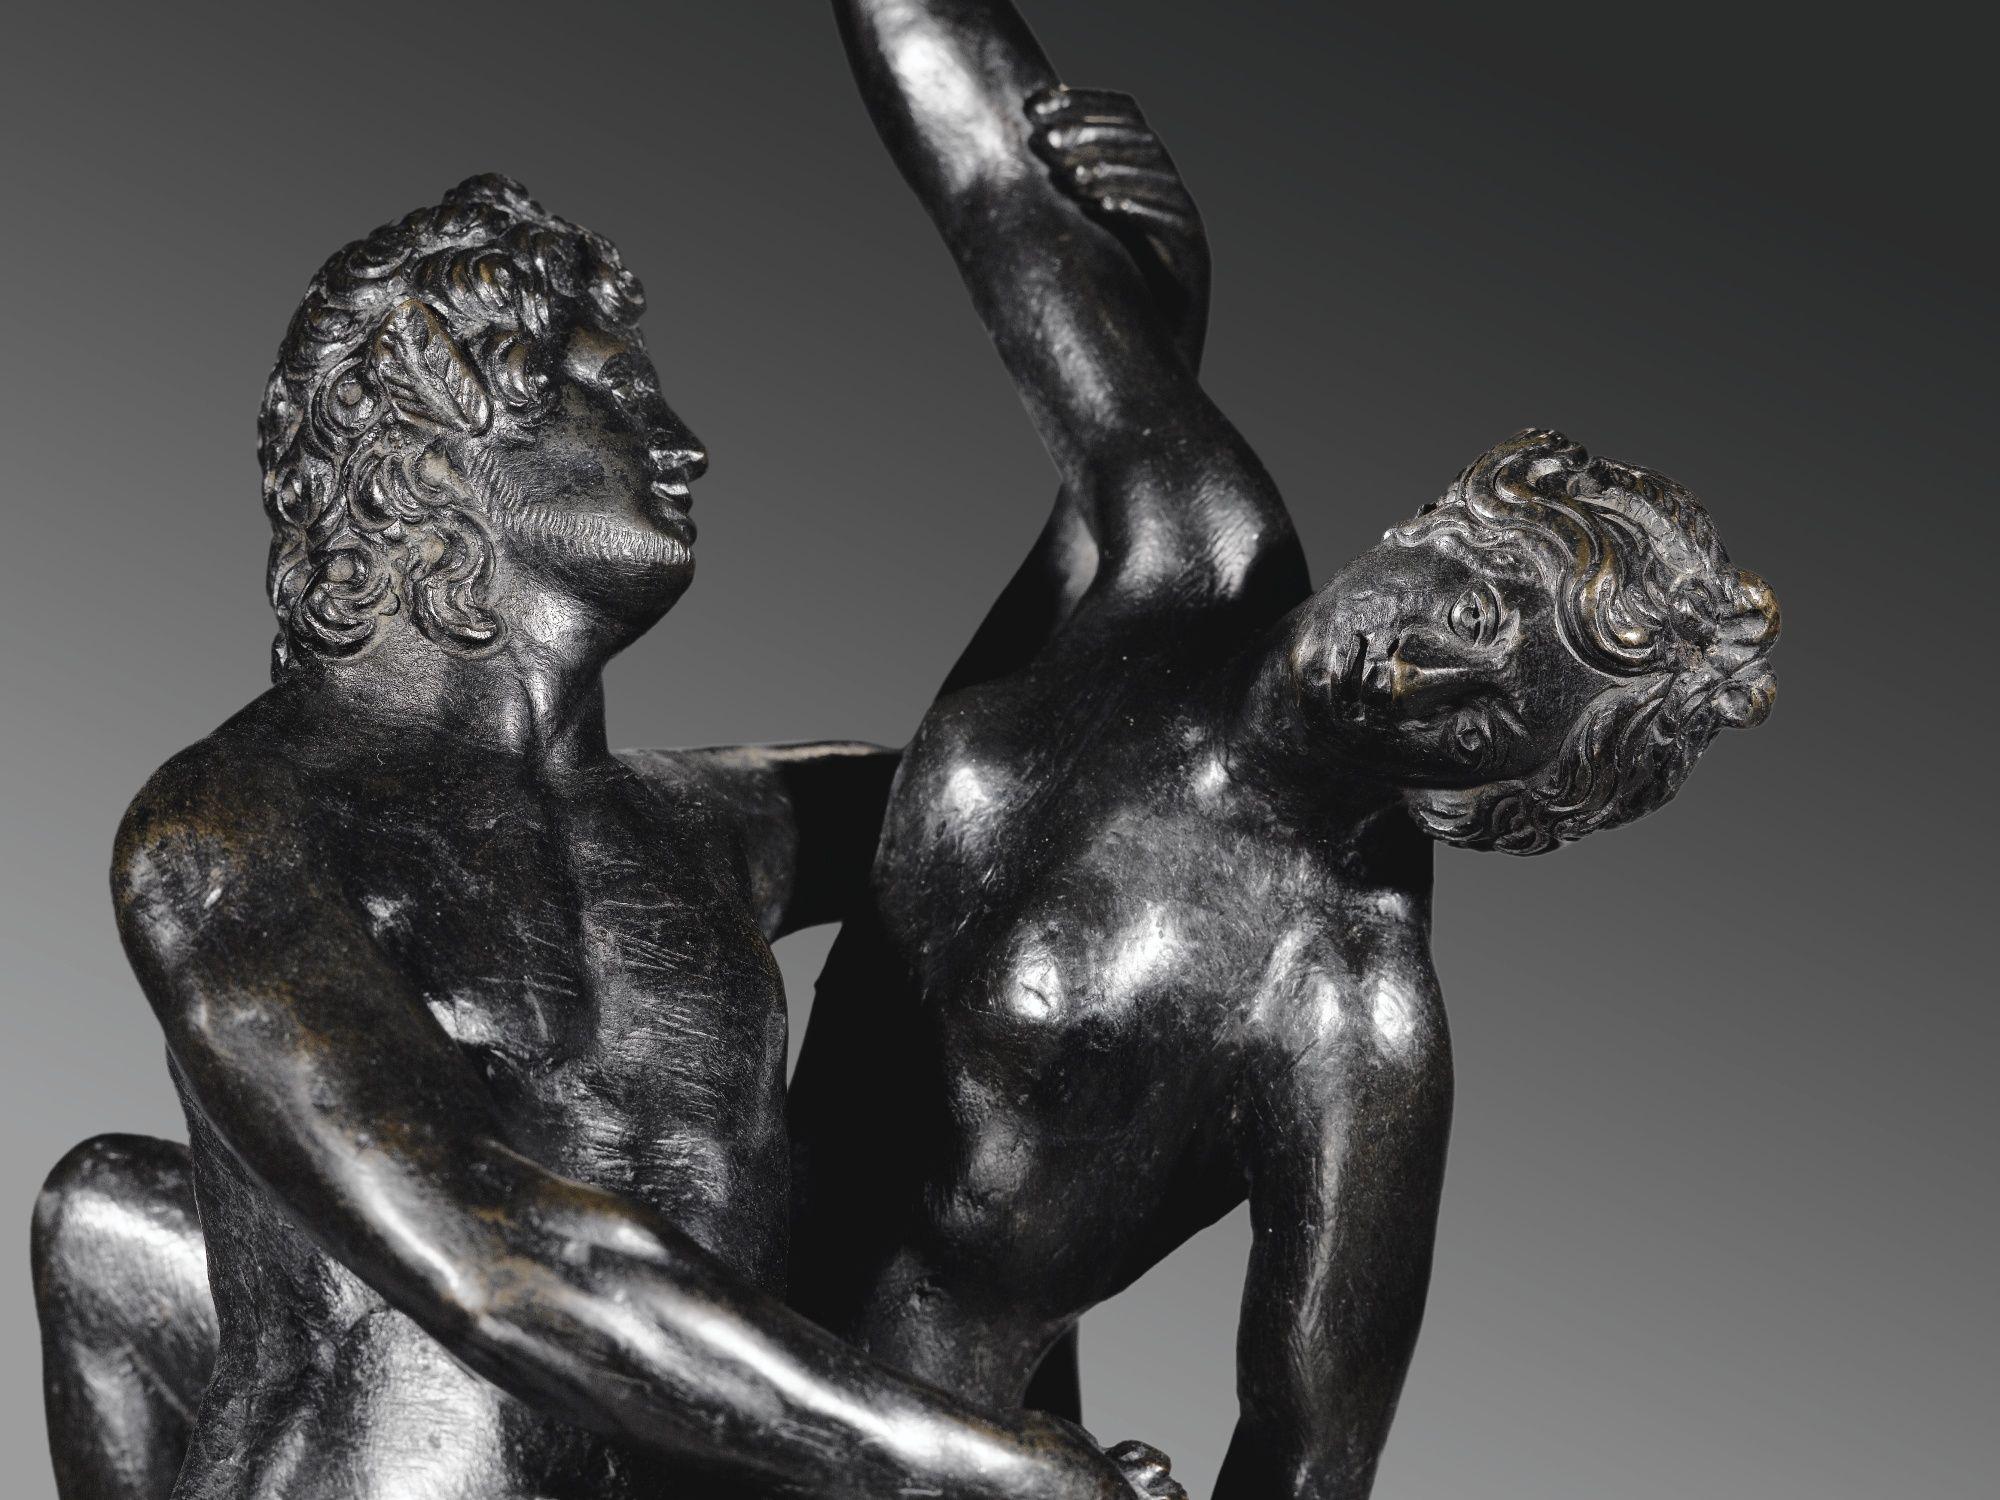 L'Enlèvement de Déjanire par Nessus, Allemagne, vers 1620 | Lot | Sotheby's